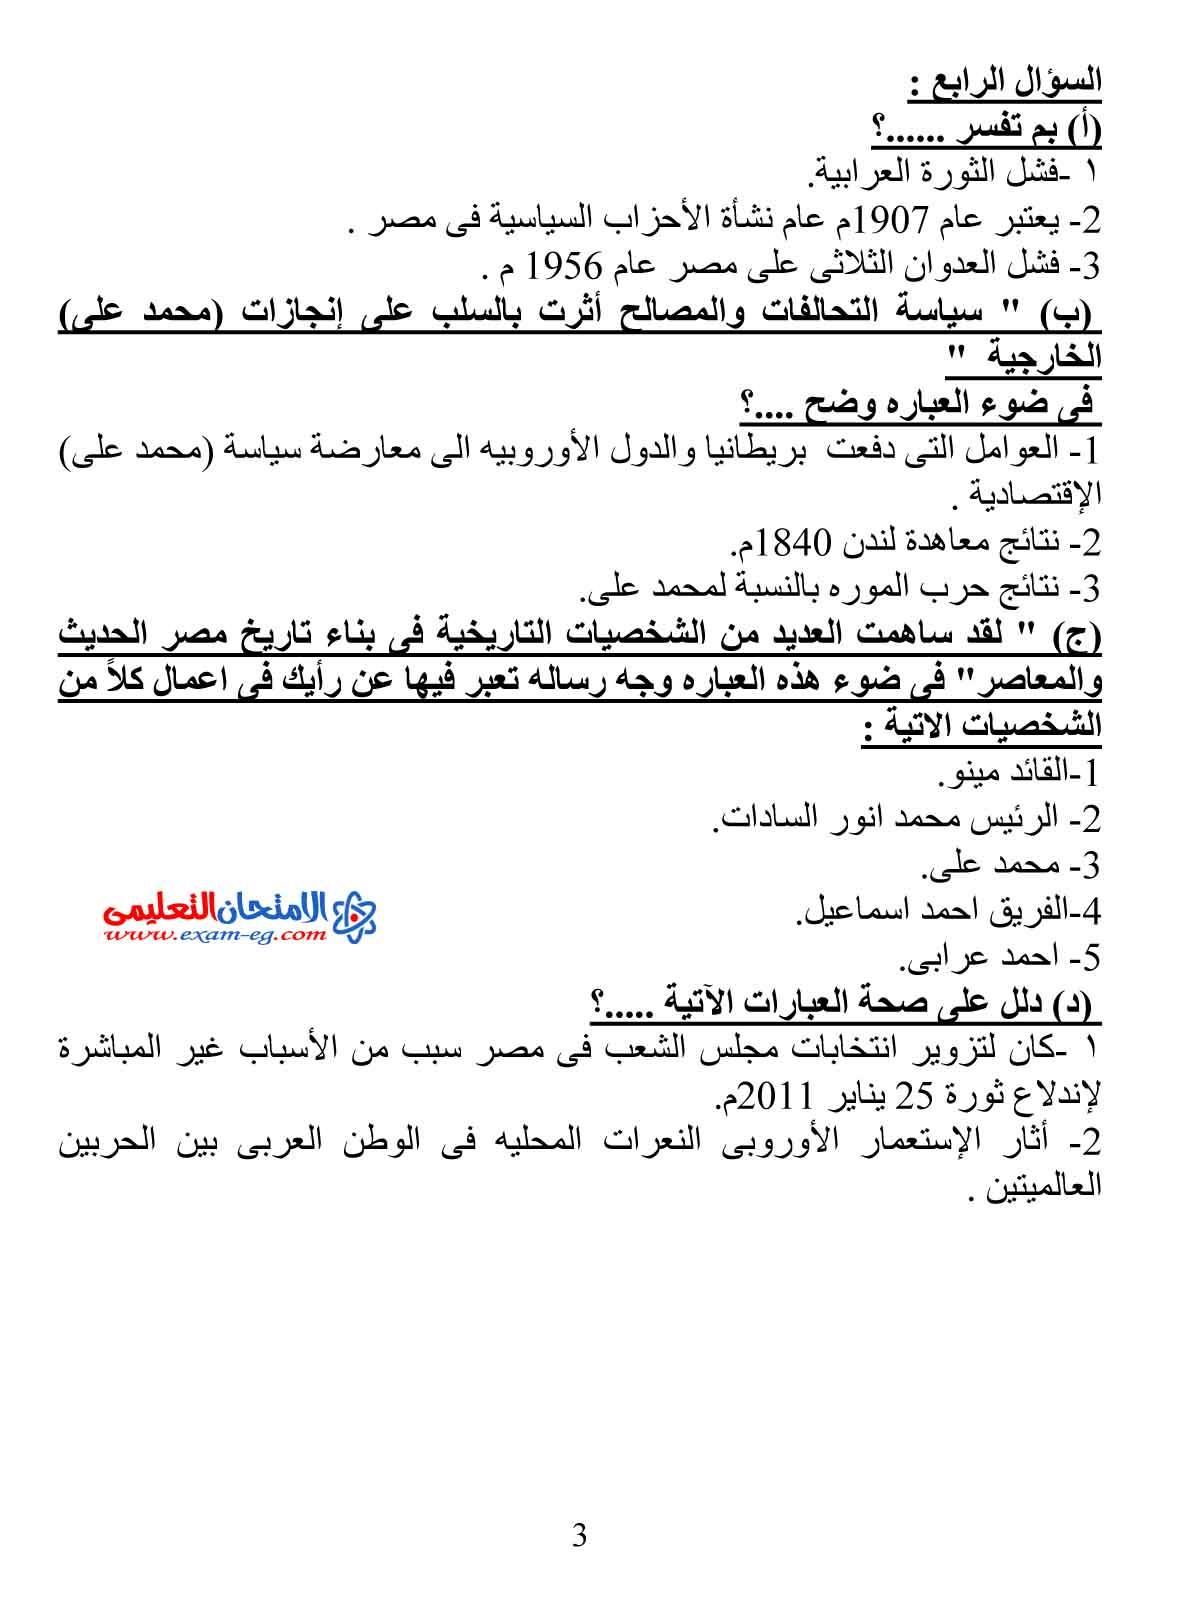 امتحان السودان فى التاريخ 3